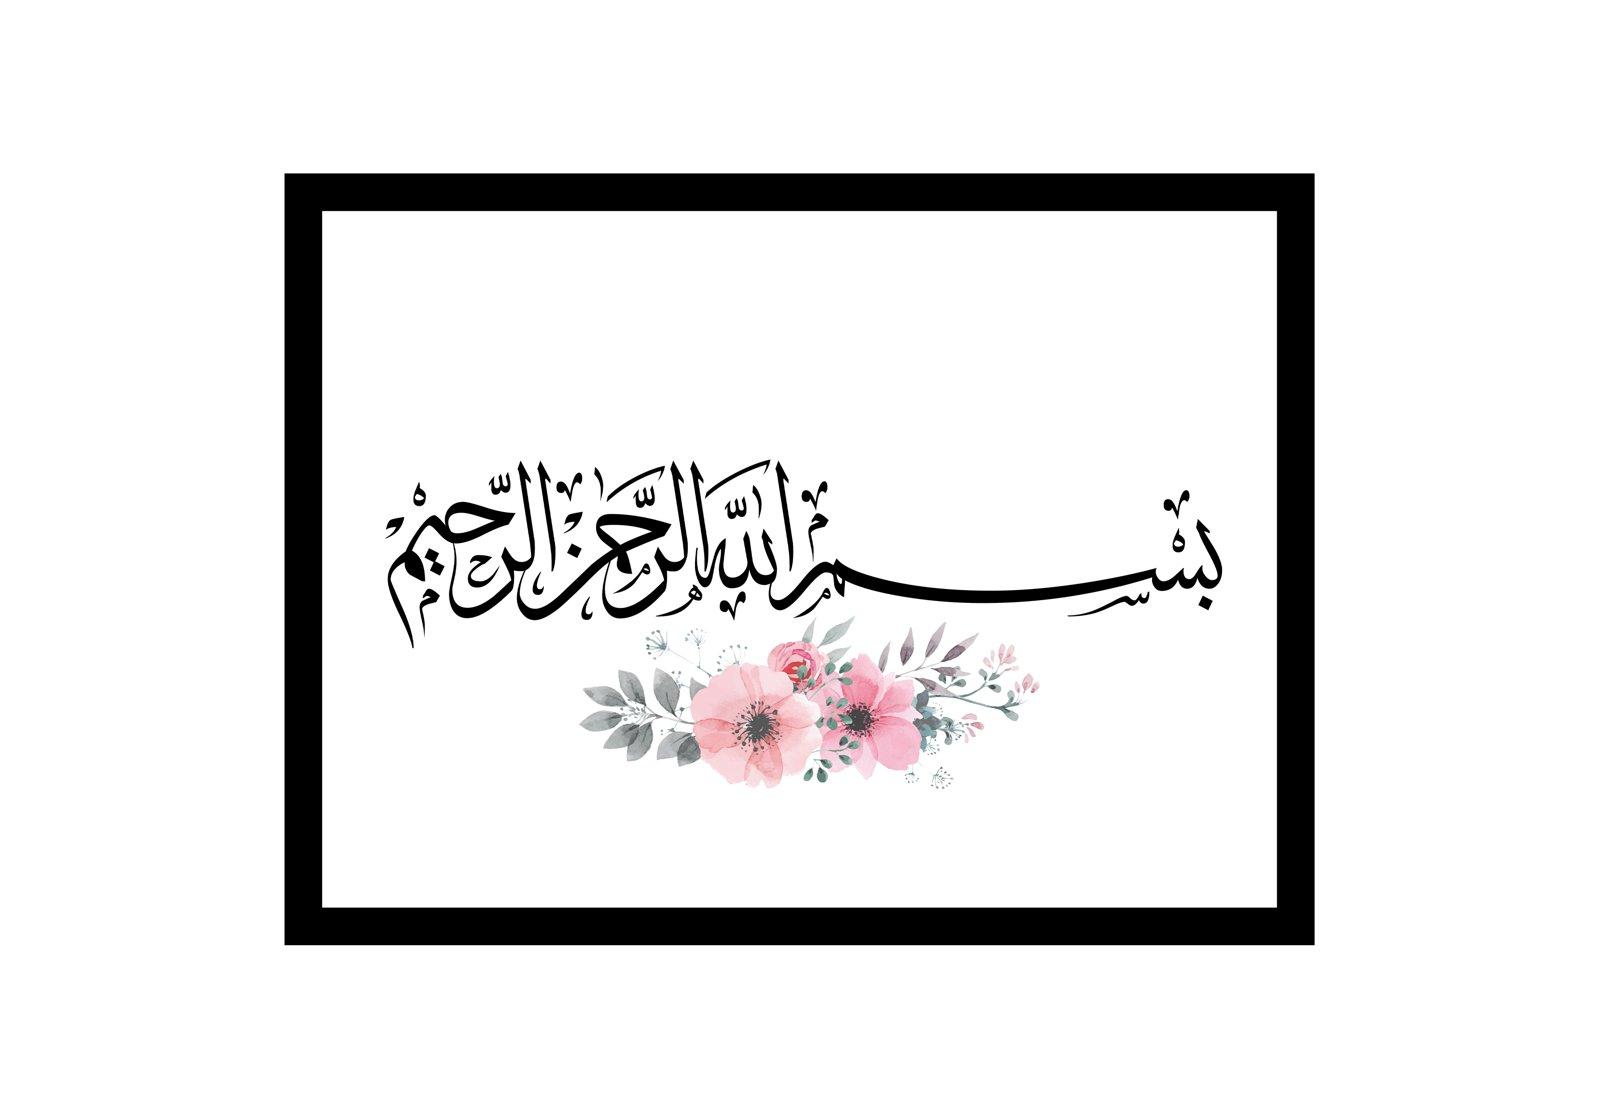 Bismillahblumig2